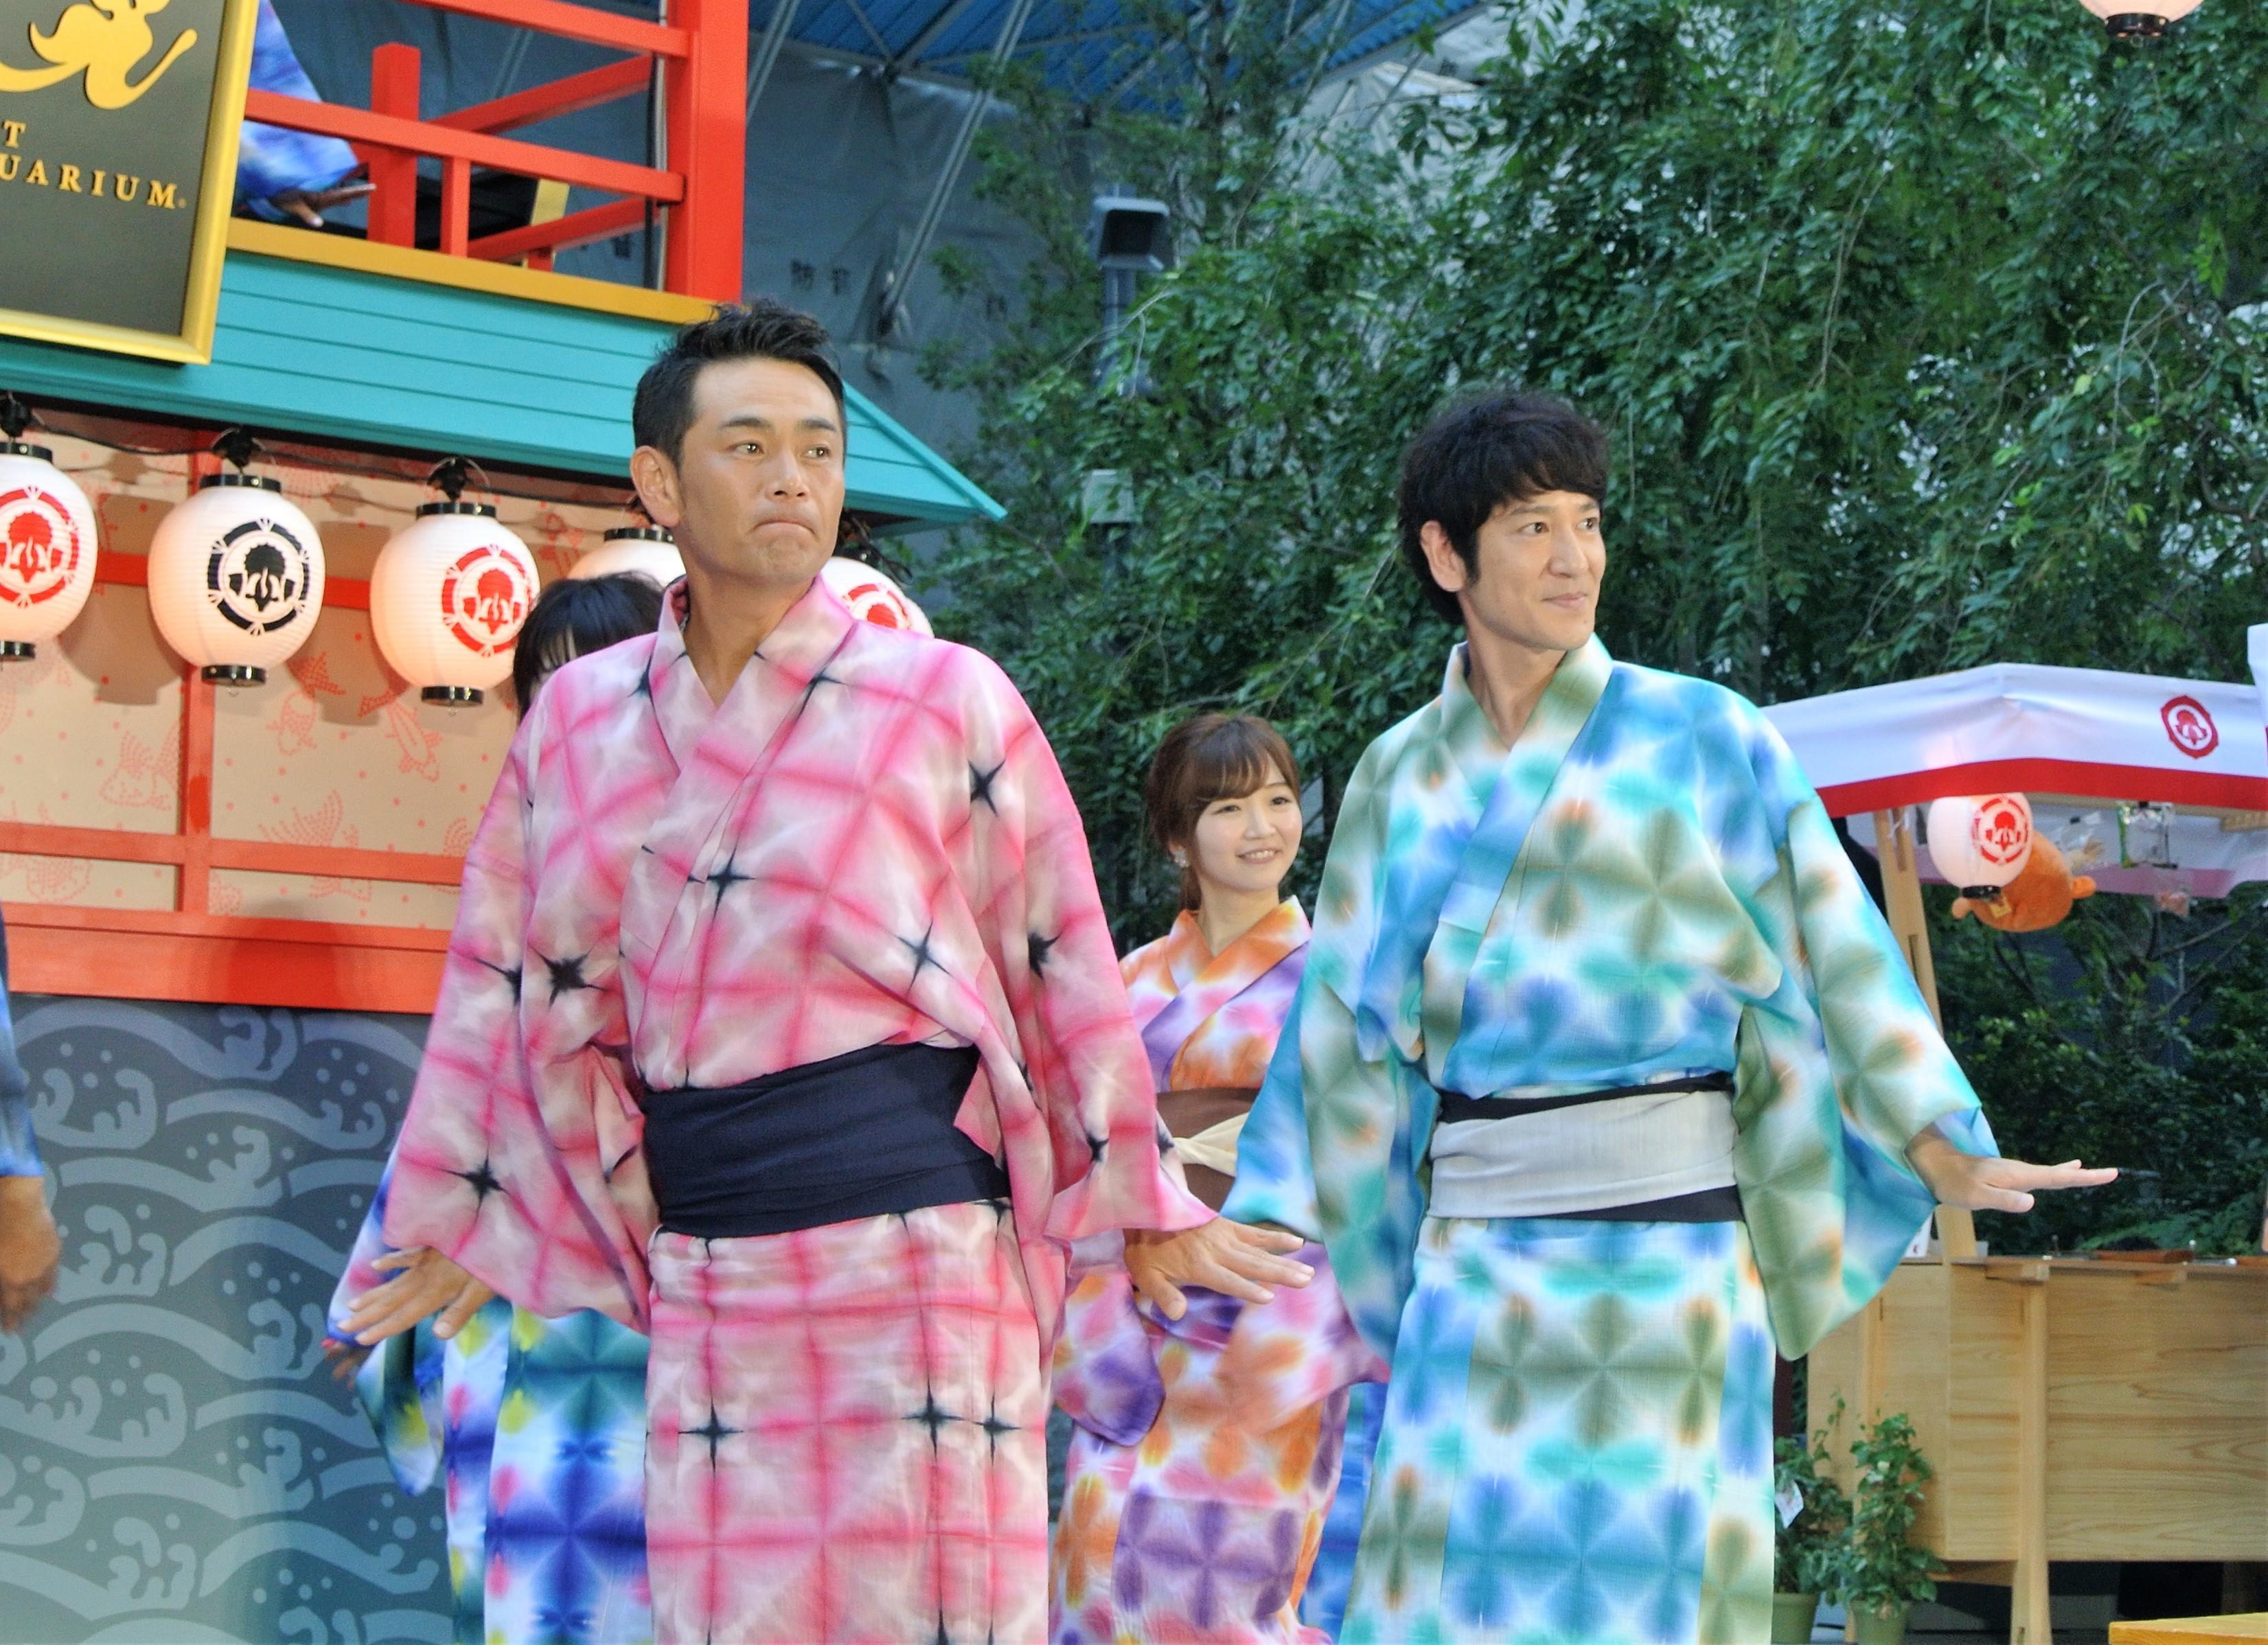 http://news.yoshimoto.co.jp/20170714203756-1bb6eee2e84baed1dc02980ee47e15d341da5e8d.jpg